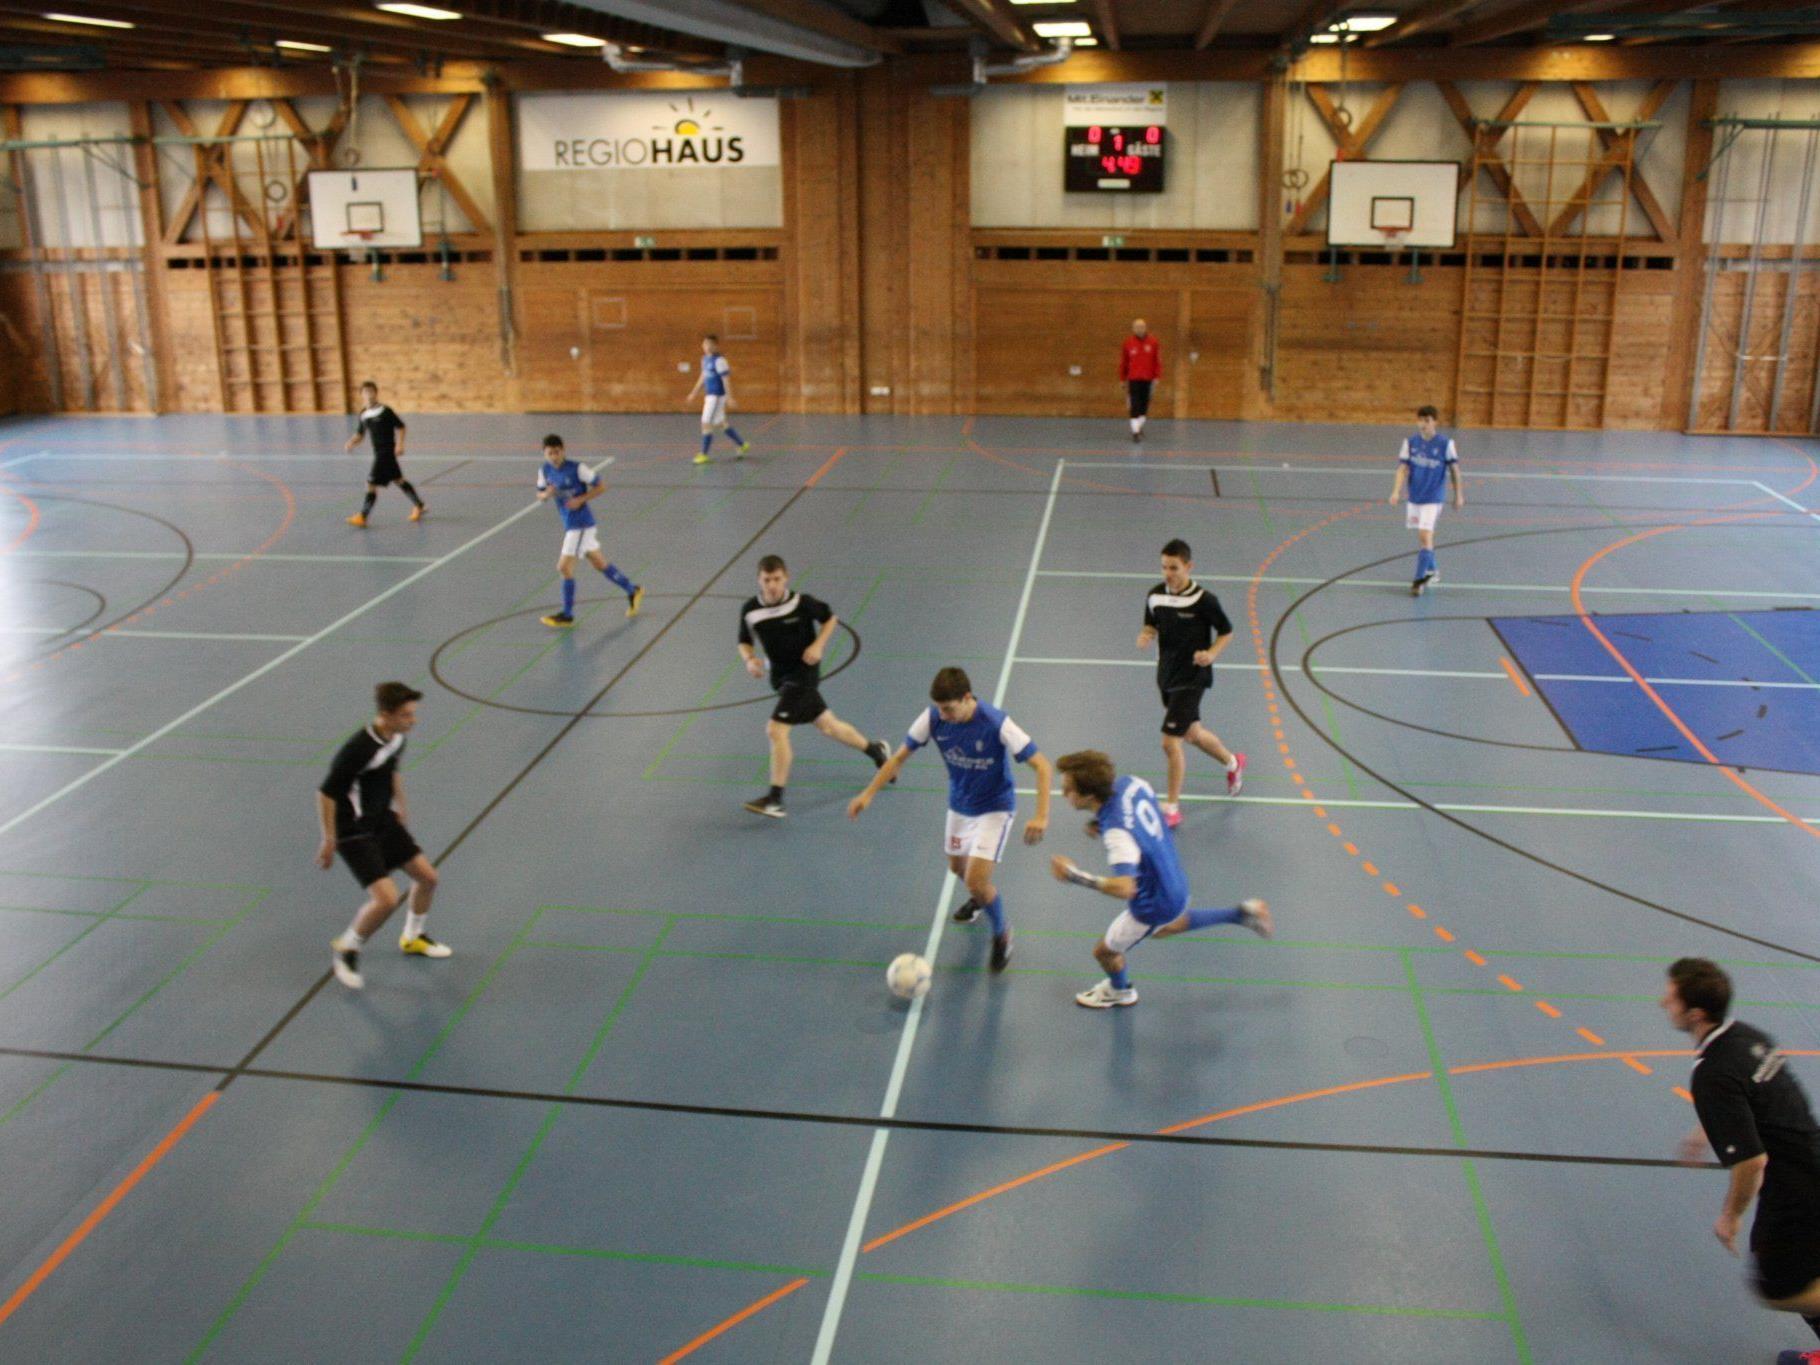 Fußballspielen gegen Rassismus!